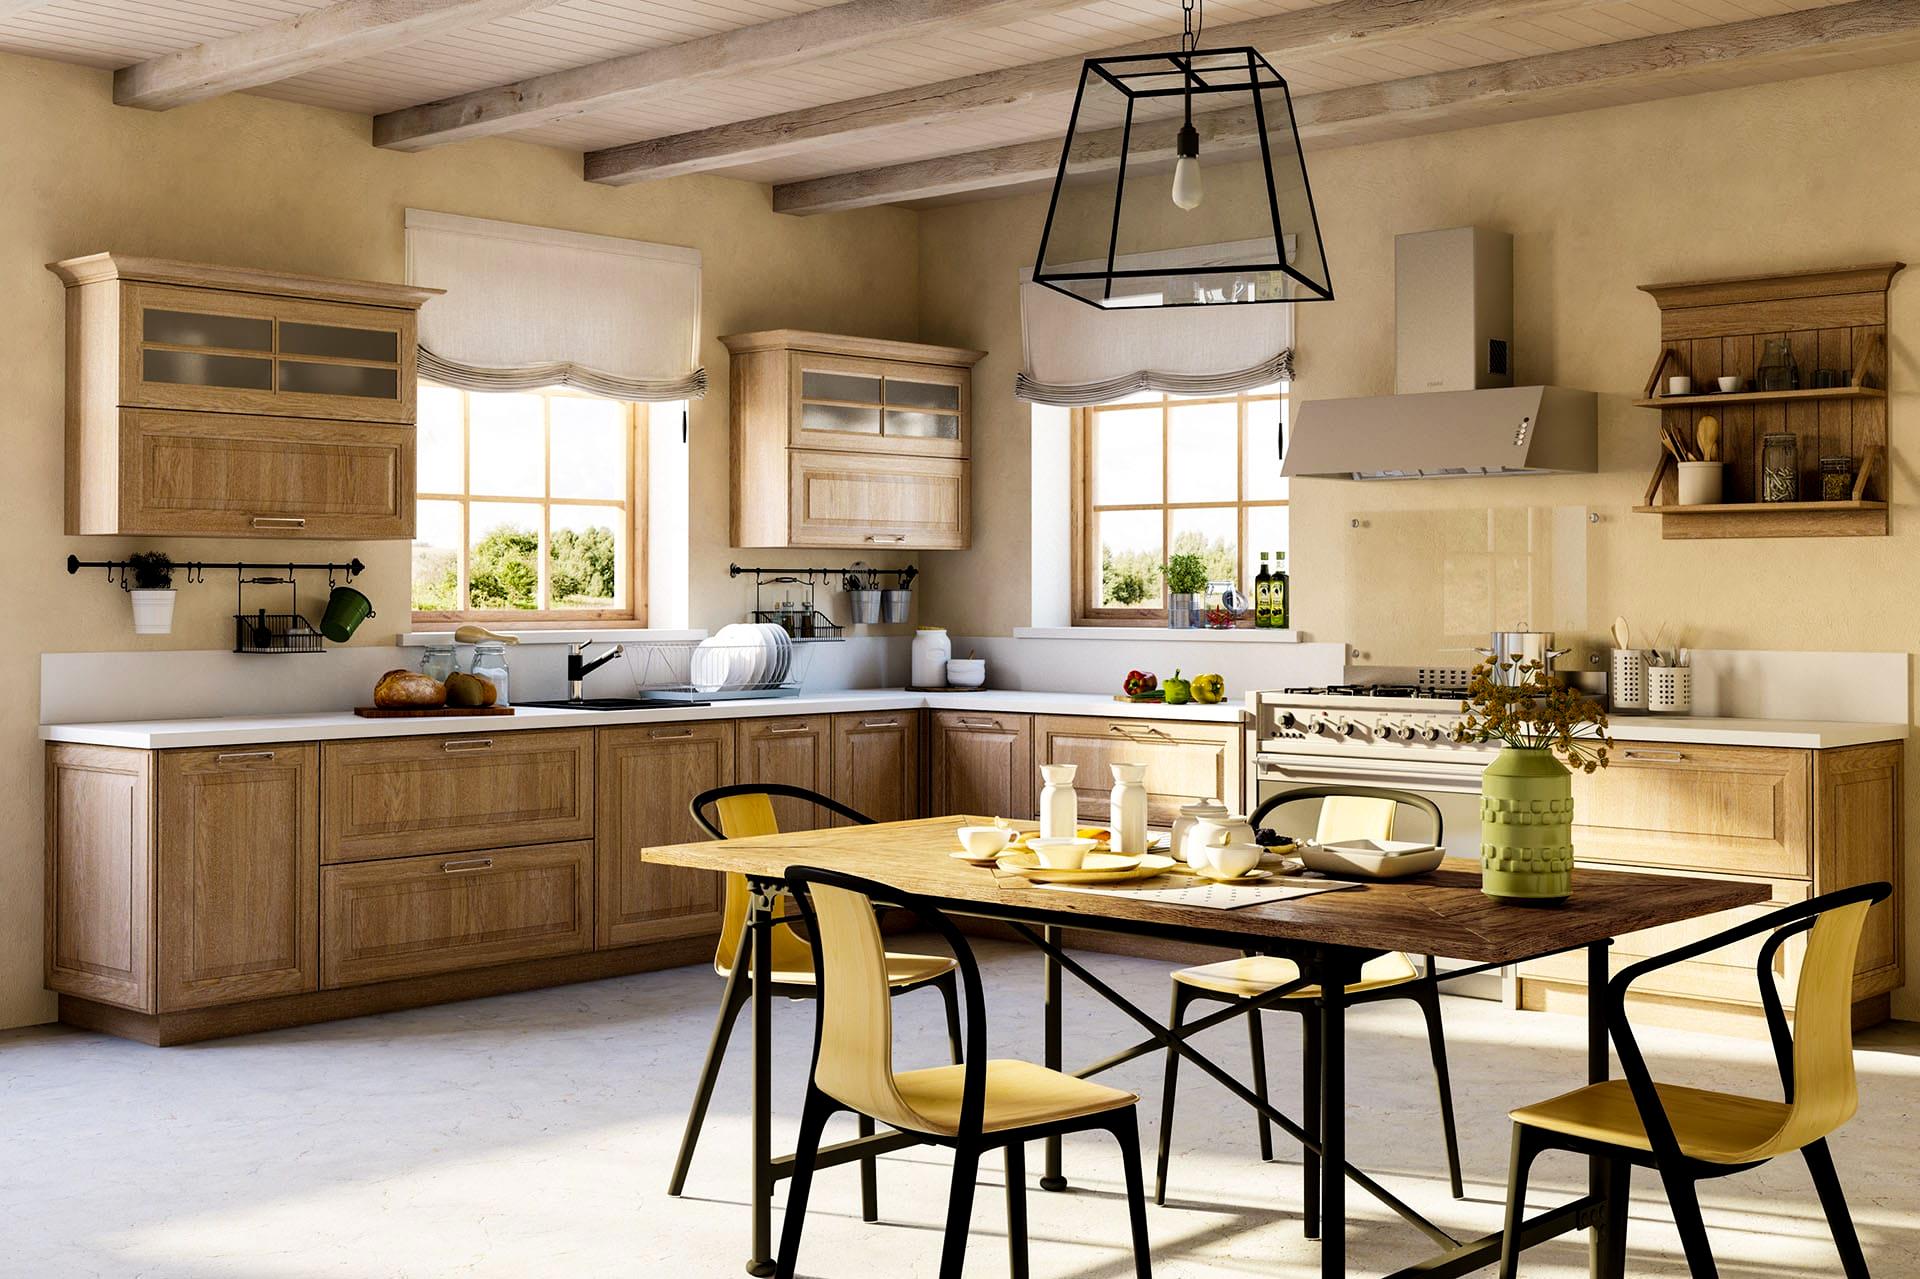 küchen im landhausstil küchenmöbel rustikale küche